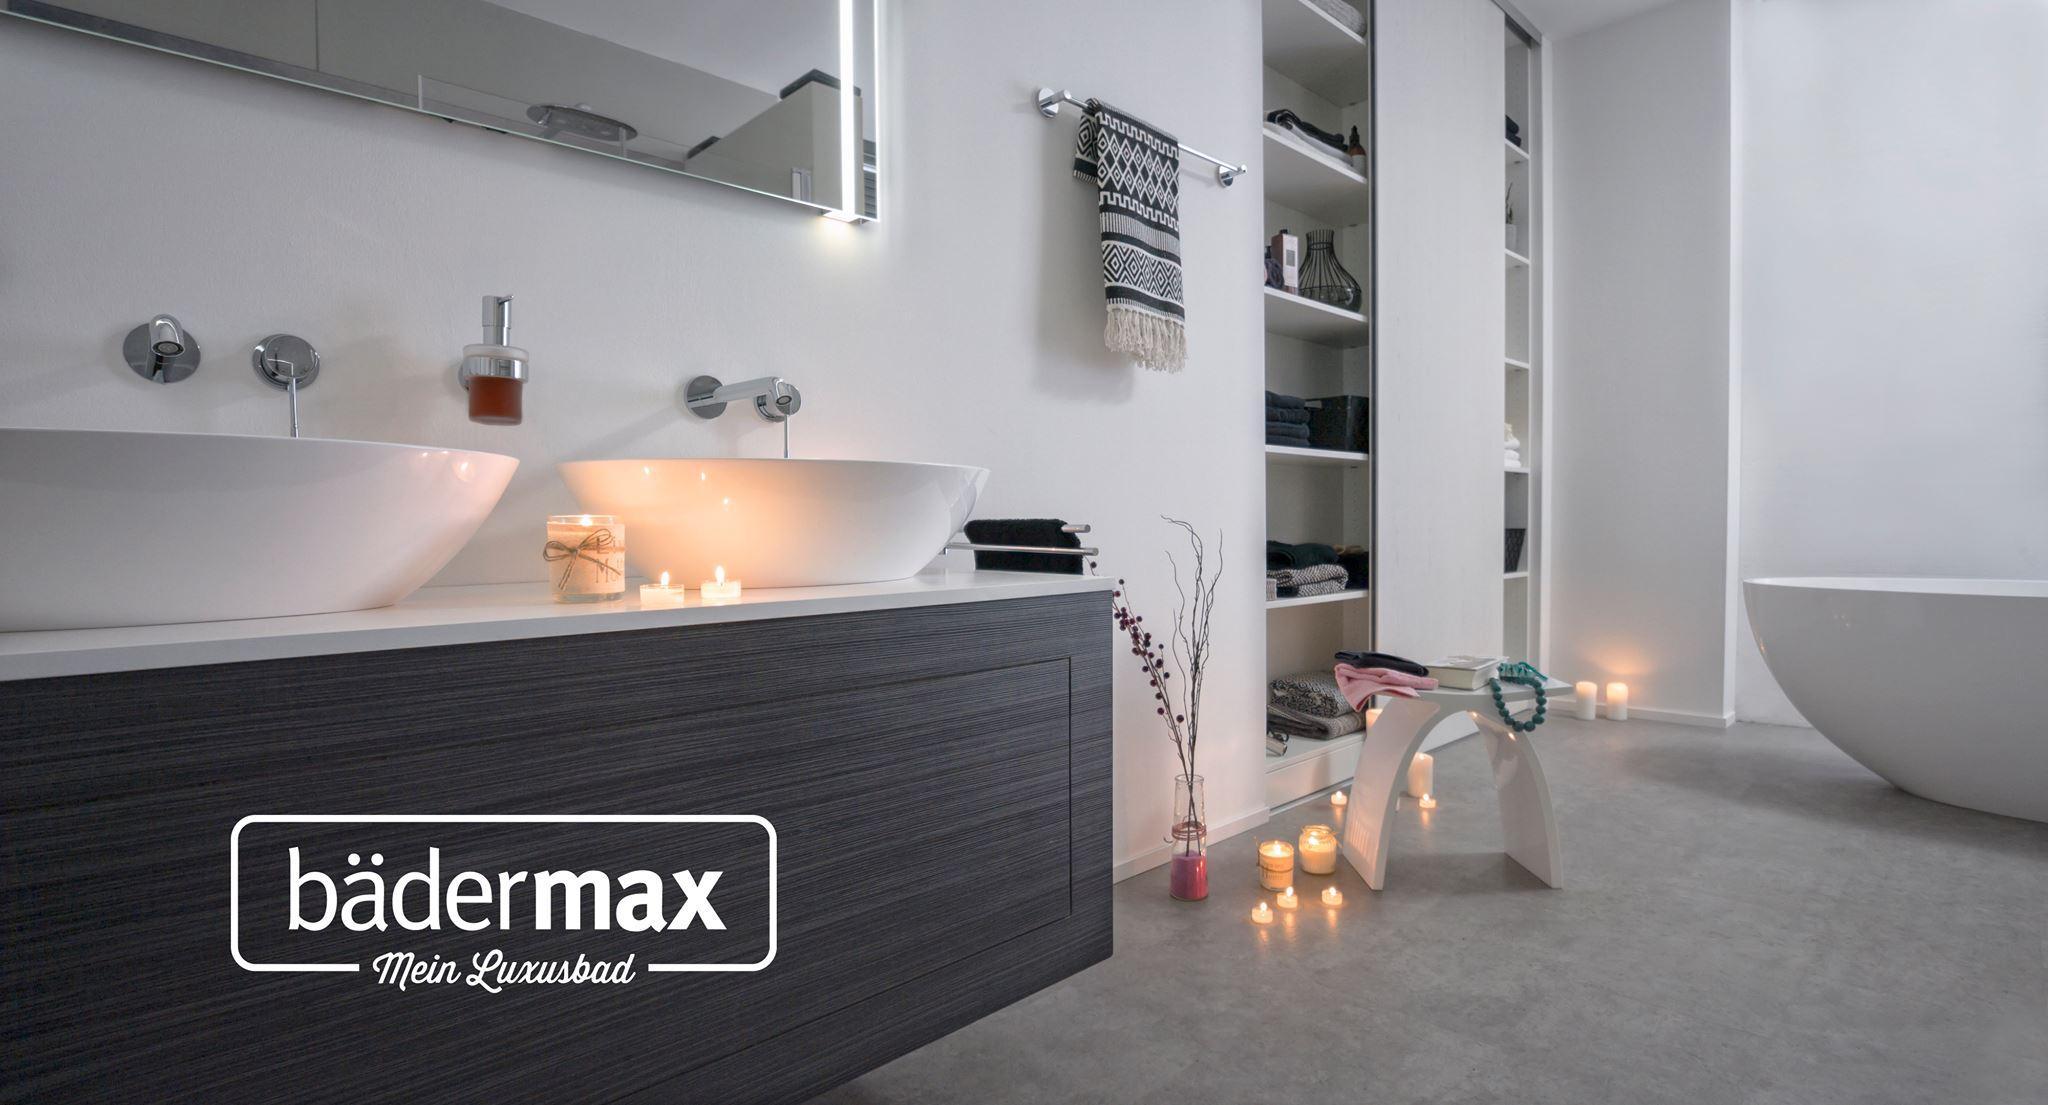 B dermax edle badezimmer badewanne waschbecken - Edle badezimmer ...